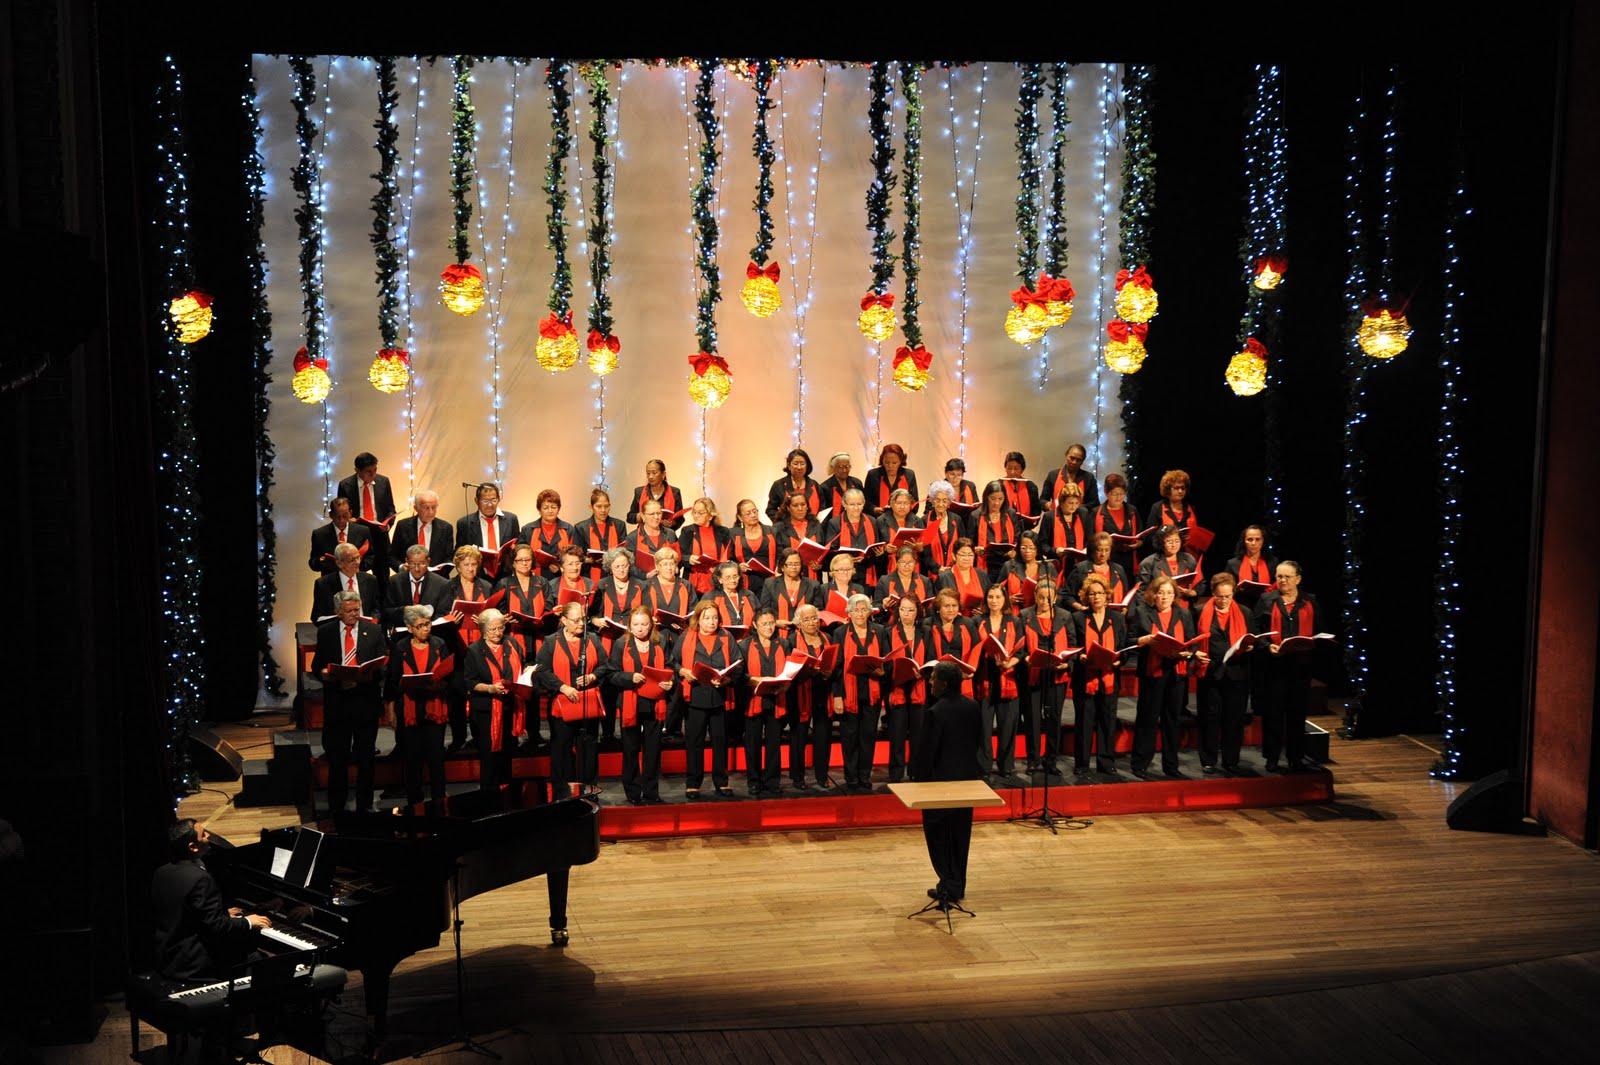 Lista 35 Músicas Para O Natal Da Sua Igreja Dicas Gospel